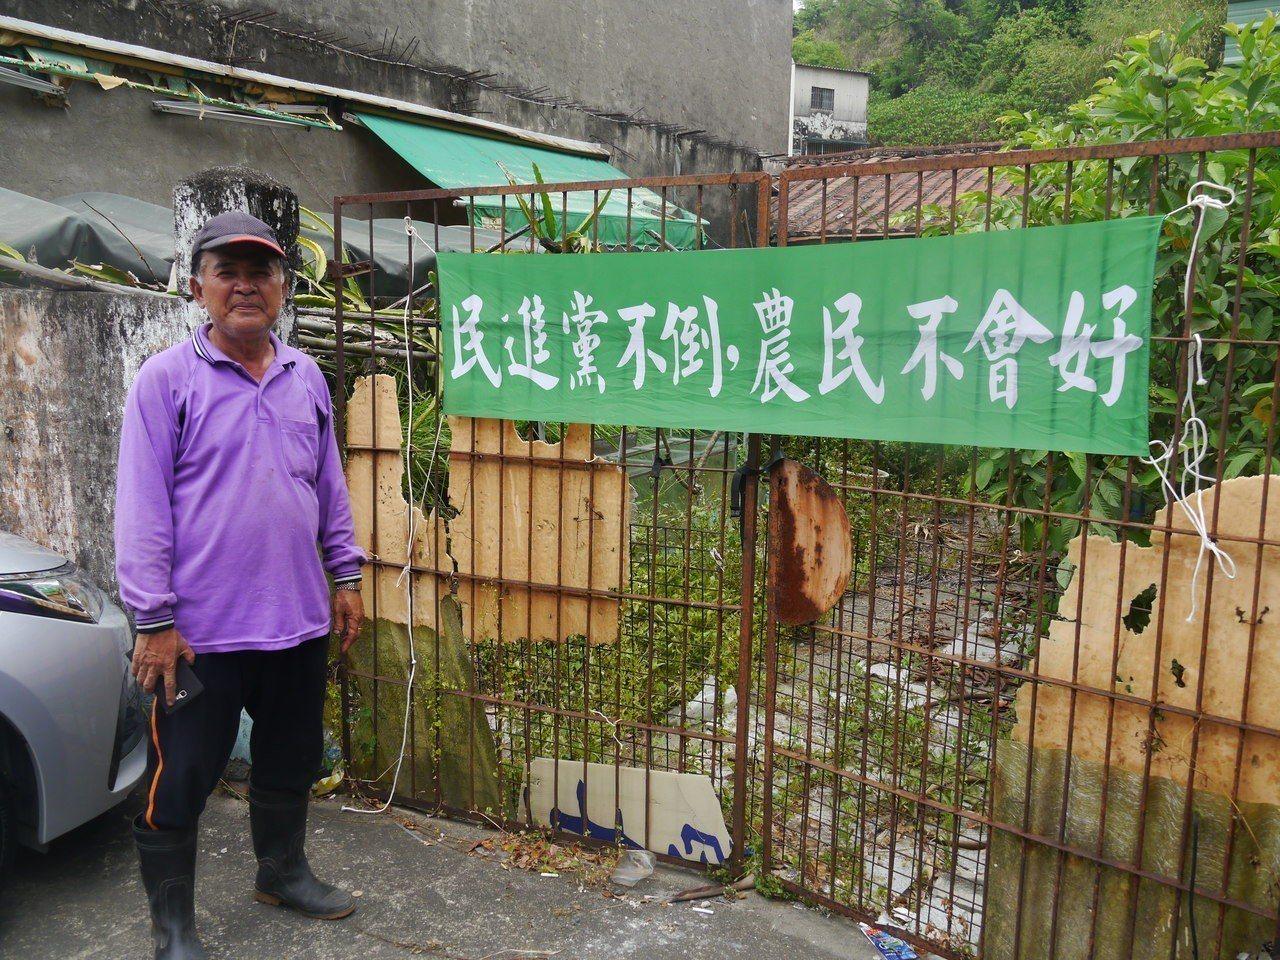 高雄有農民不滿時政張掛布條,希望政府努力拚經濟。本報資料照片 記者徐白櫻/攝影